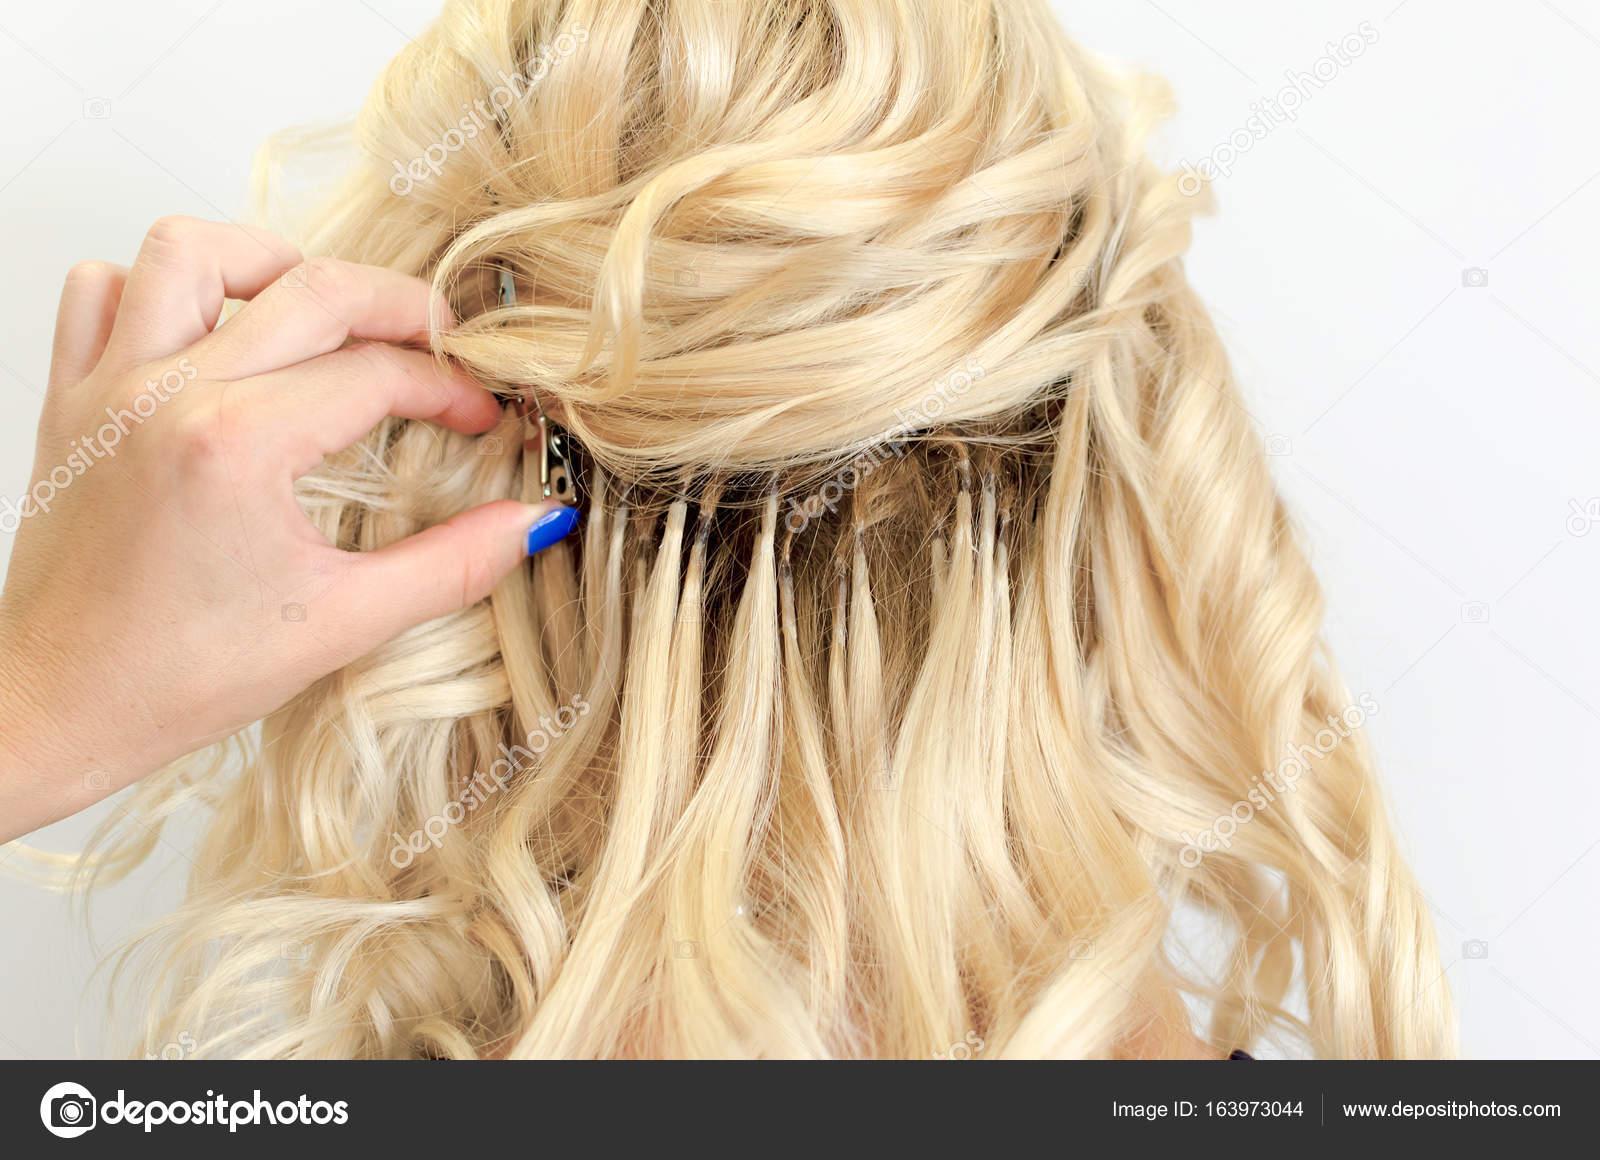 Beautiful Hair Extension Stock Photo Focusandblur 163973044